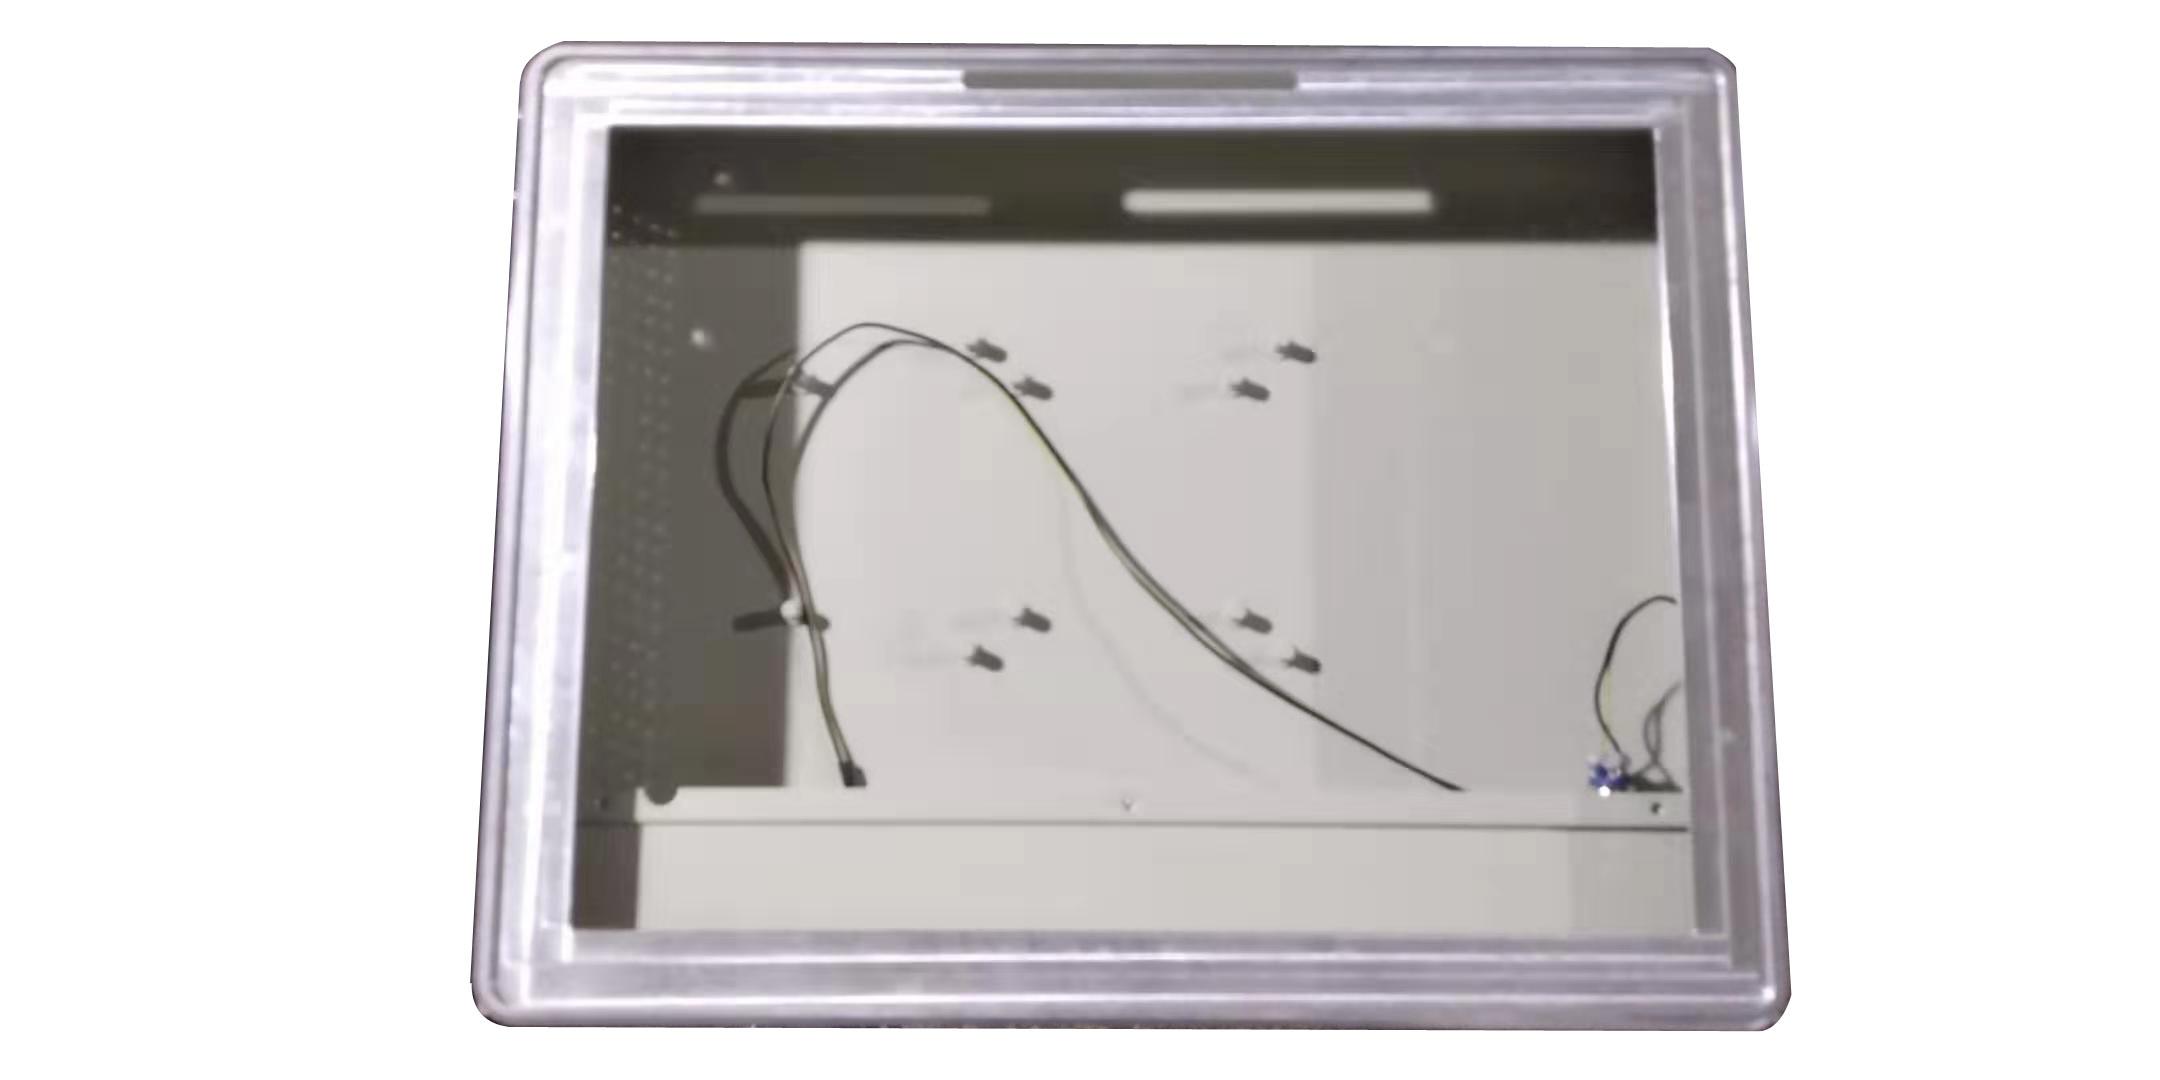 电容屏工业平板电脑外壳